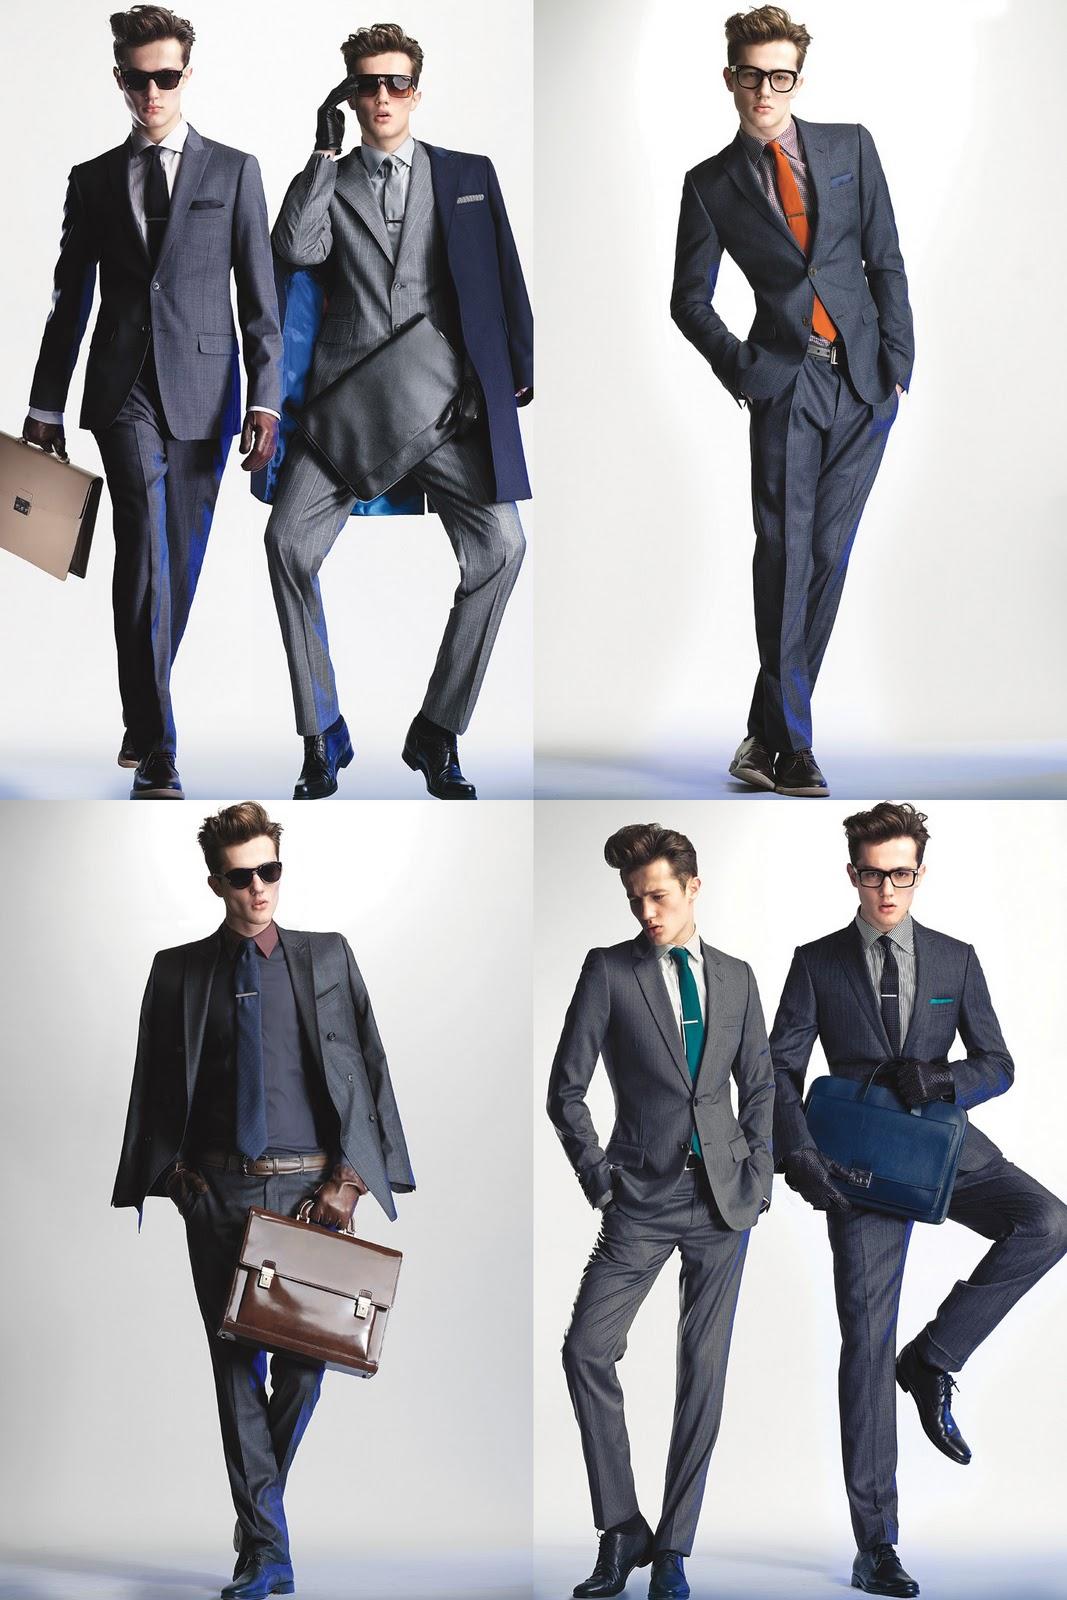 http://3.bp.blogspot.com/-V864XIFEjUI/TuaQsnunu4I/AAAAAAAAASU/V765_TWLeuM/s1600/fashionpowerquad.jpg